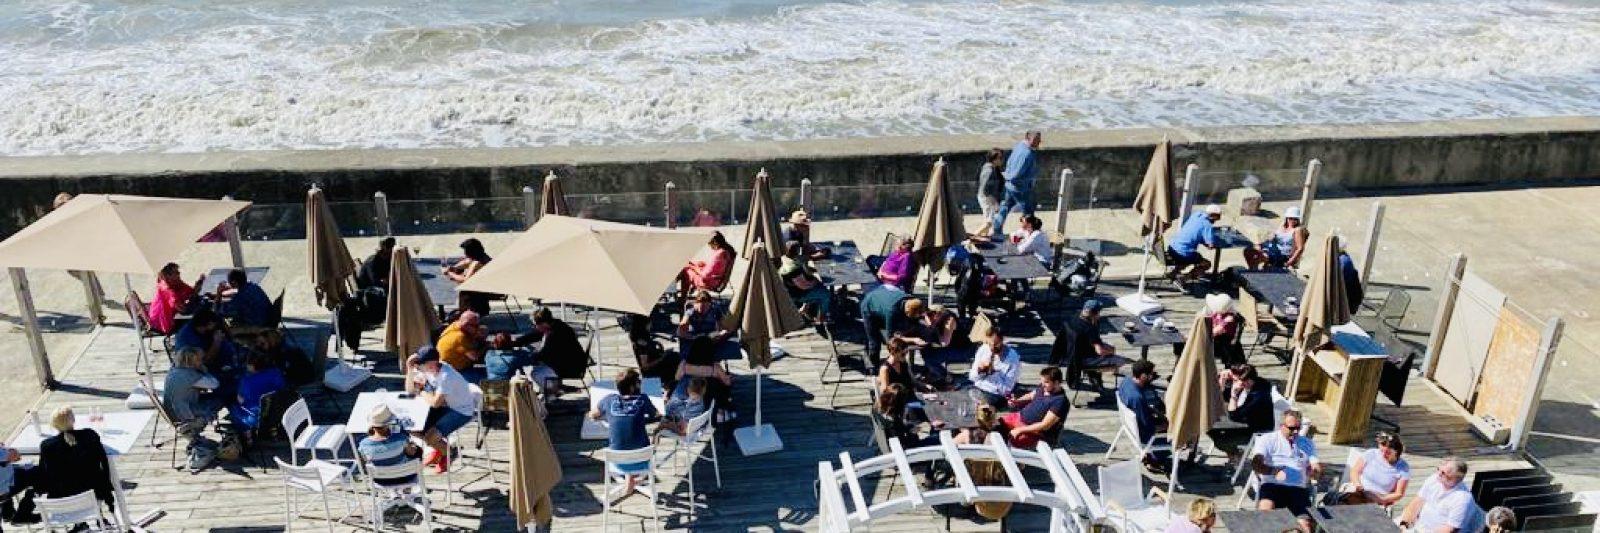 Le Paquebot-restaurant-terrasse-villerville-deauville-normandie